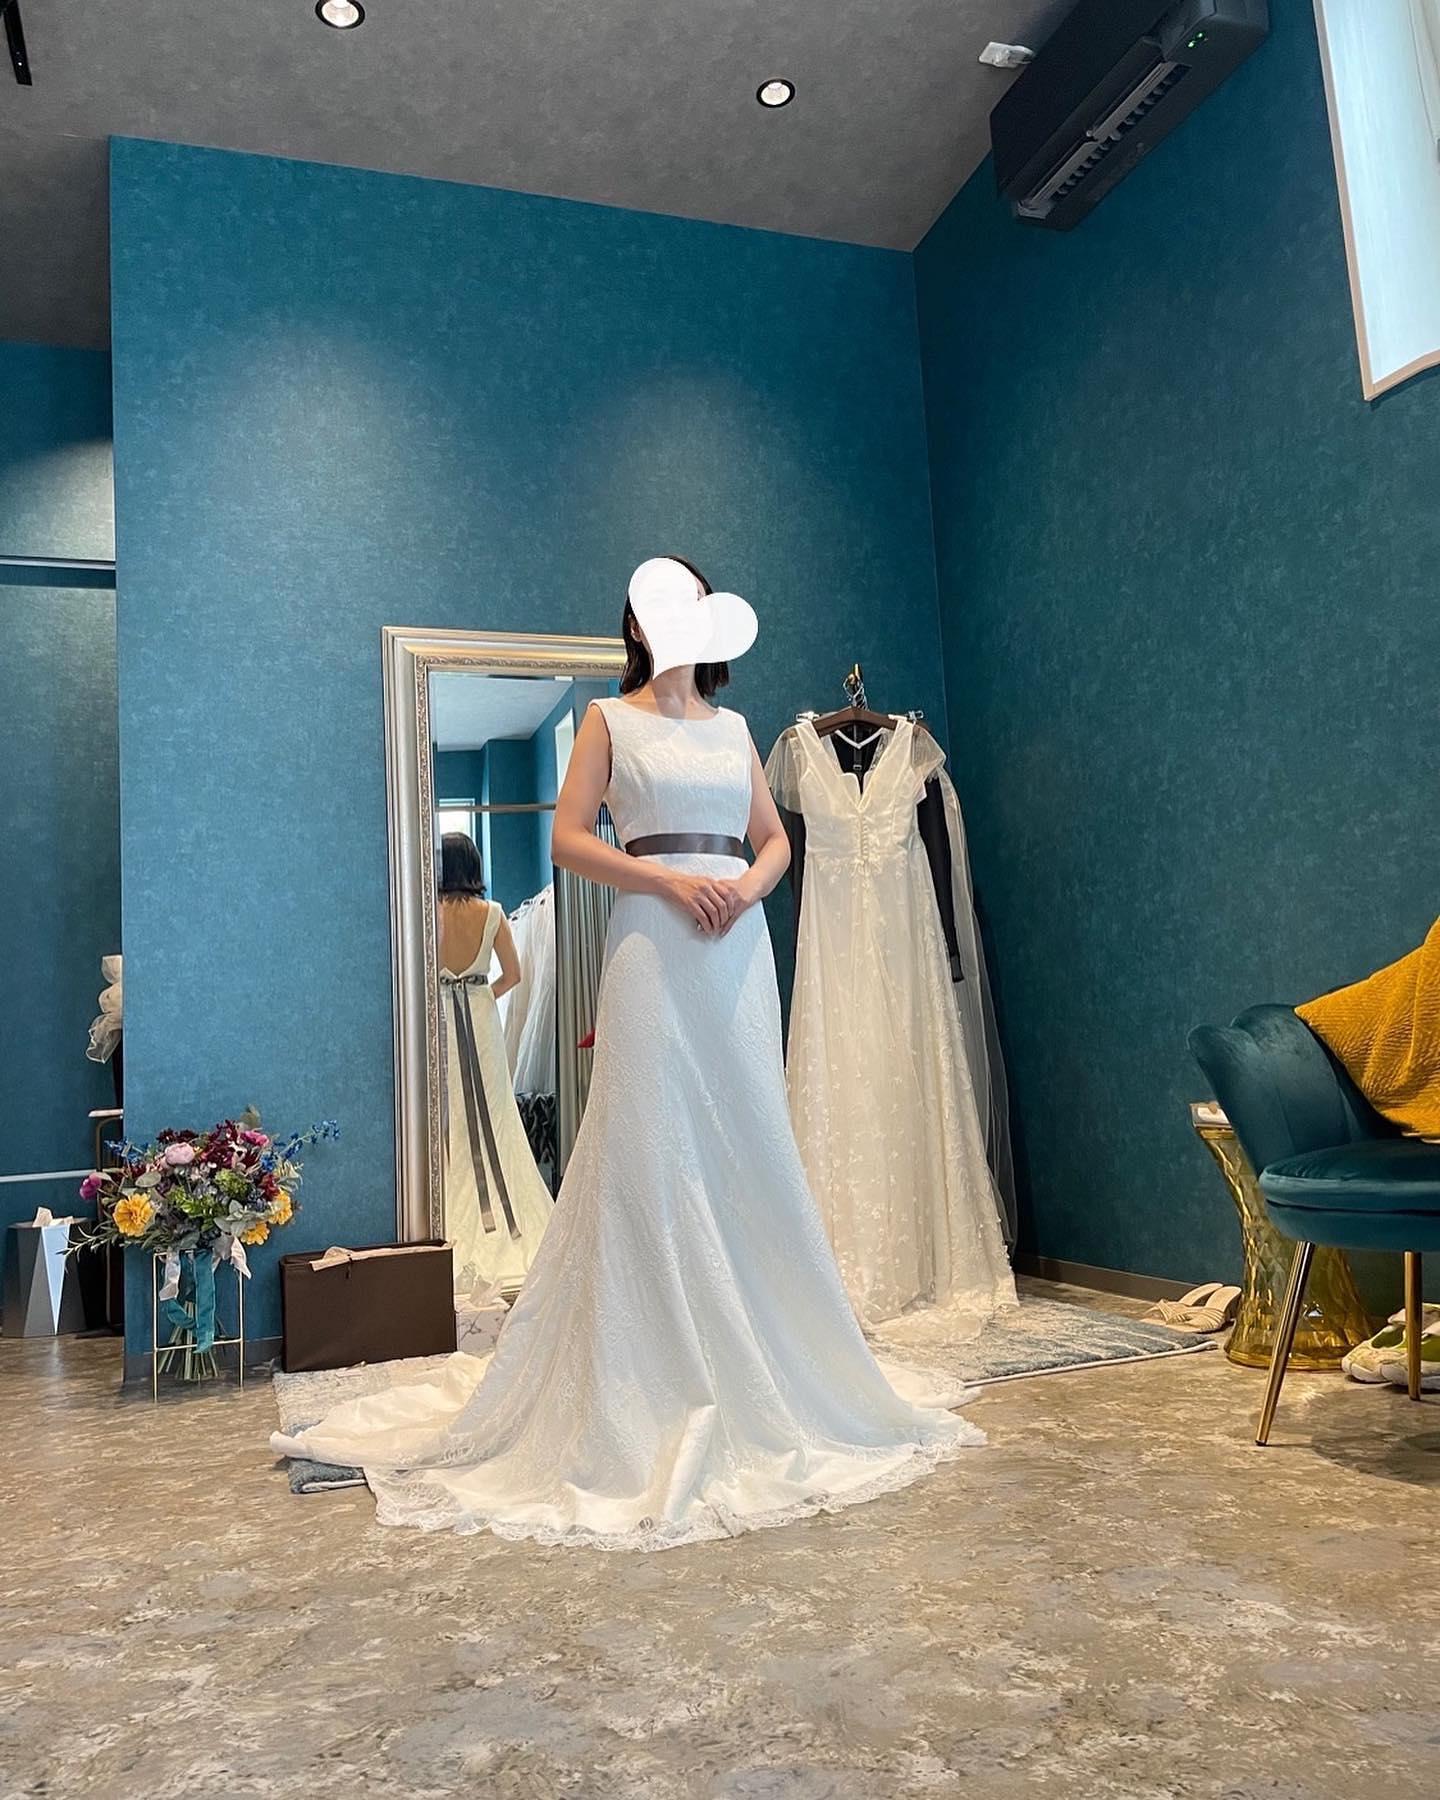 """・先日のご試着のお客様🕊・とっても美人でお洒落なご新婦さま・シンプルな総レースのdress意外とありそうでないデザインです🤍バックスタイルのVカットの背中開きも美しい・少しずつ自分らしく足し算できるdressはコーディネートも楽しめますね・""""ELENA""""購入価格:¥180,000・#wedding #weddingdress #instagood #instalike #claras #paris #acehotel#ウェディングドレス #プレ花嫁 #ドレス試着 #ドレス迷子#2021冬婚 #ヘアメイク #結婚式  #ドレス選び #前撮り #インポートドレス #フォトウェディング #ウェディングヘア  #フォト婚 #ニューノーマル #ブライダルフォト #カップルフォト #ウェディングドレス探し #ウェディングドレス試着 #セルドレス #ドレスショップ  #クラシカルドレス #ホテルウェディング #エースホテル京都"""